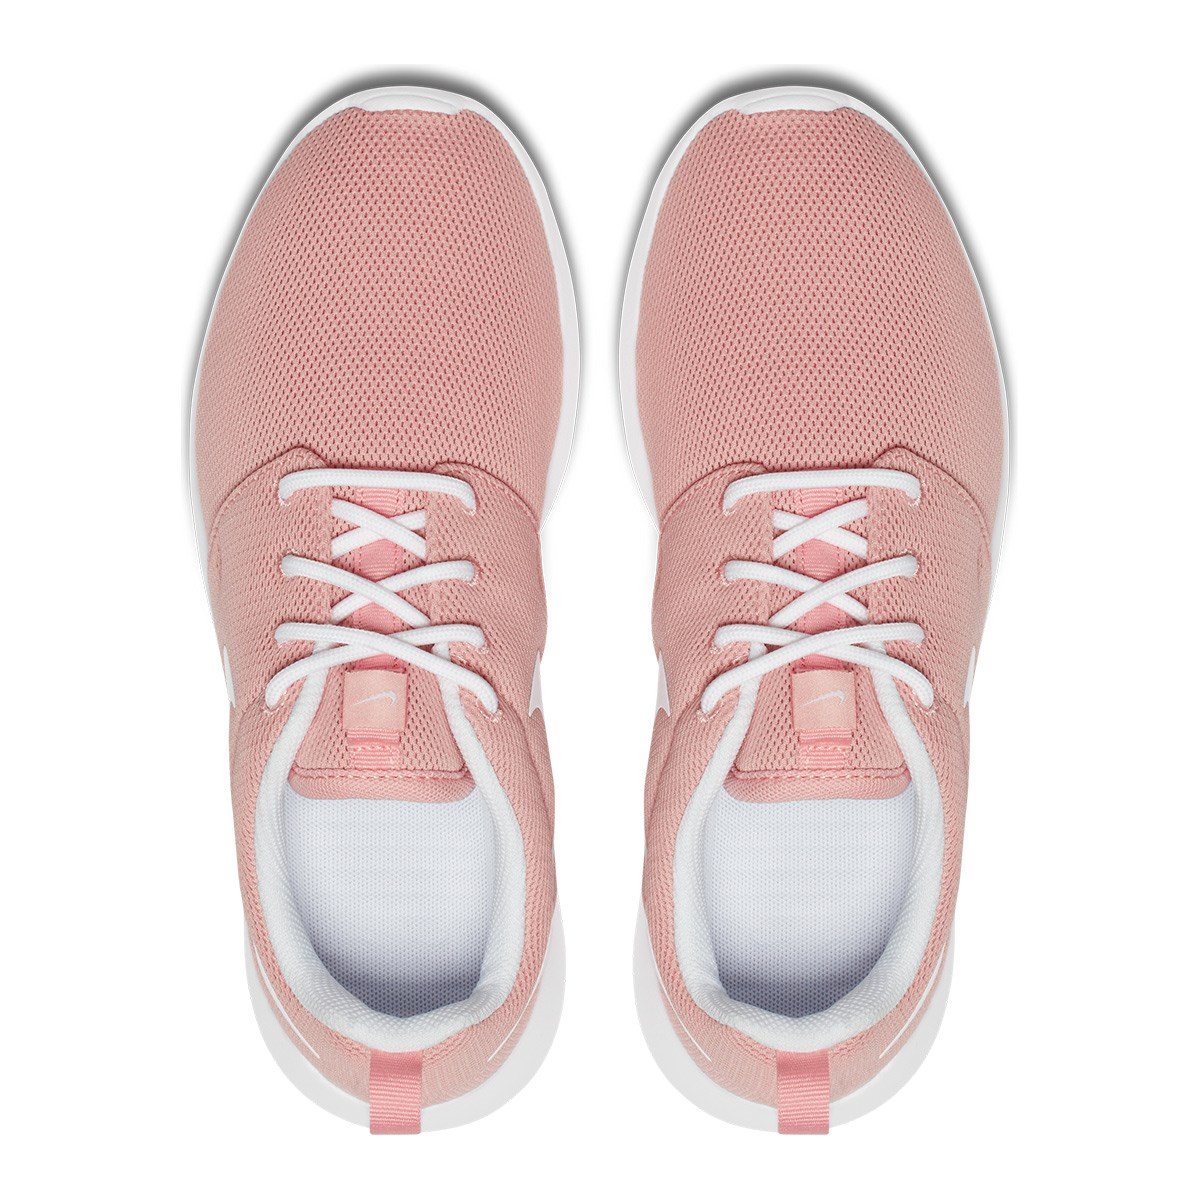 wholesale dealer 2b680 16f8e Women s Nike Roshe One Coral Stardust Sneaker   Little Burgundy